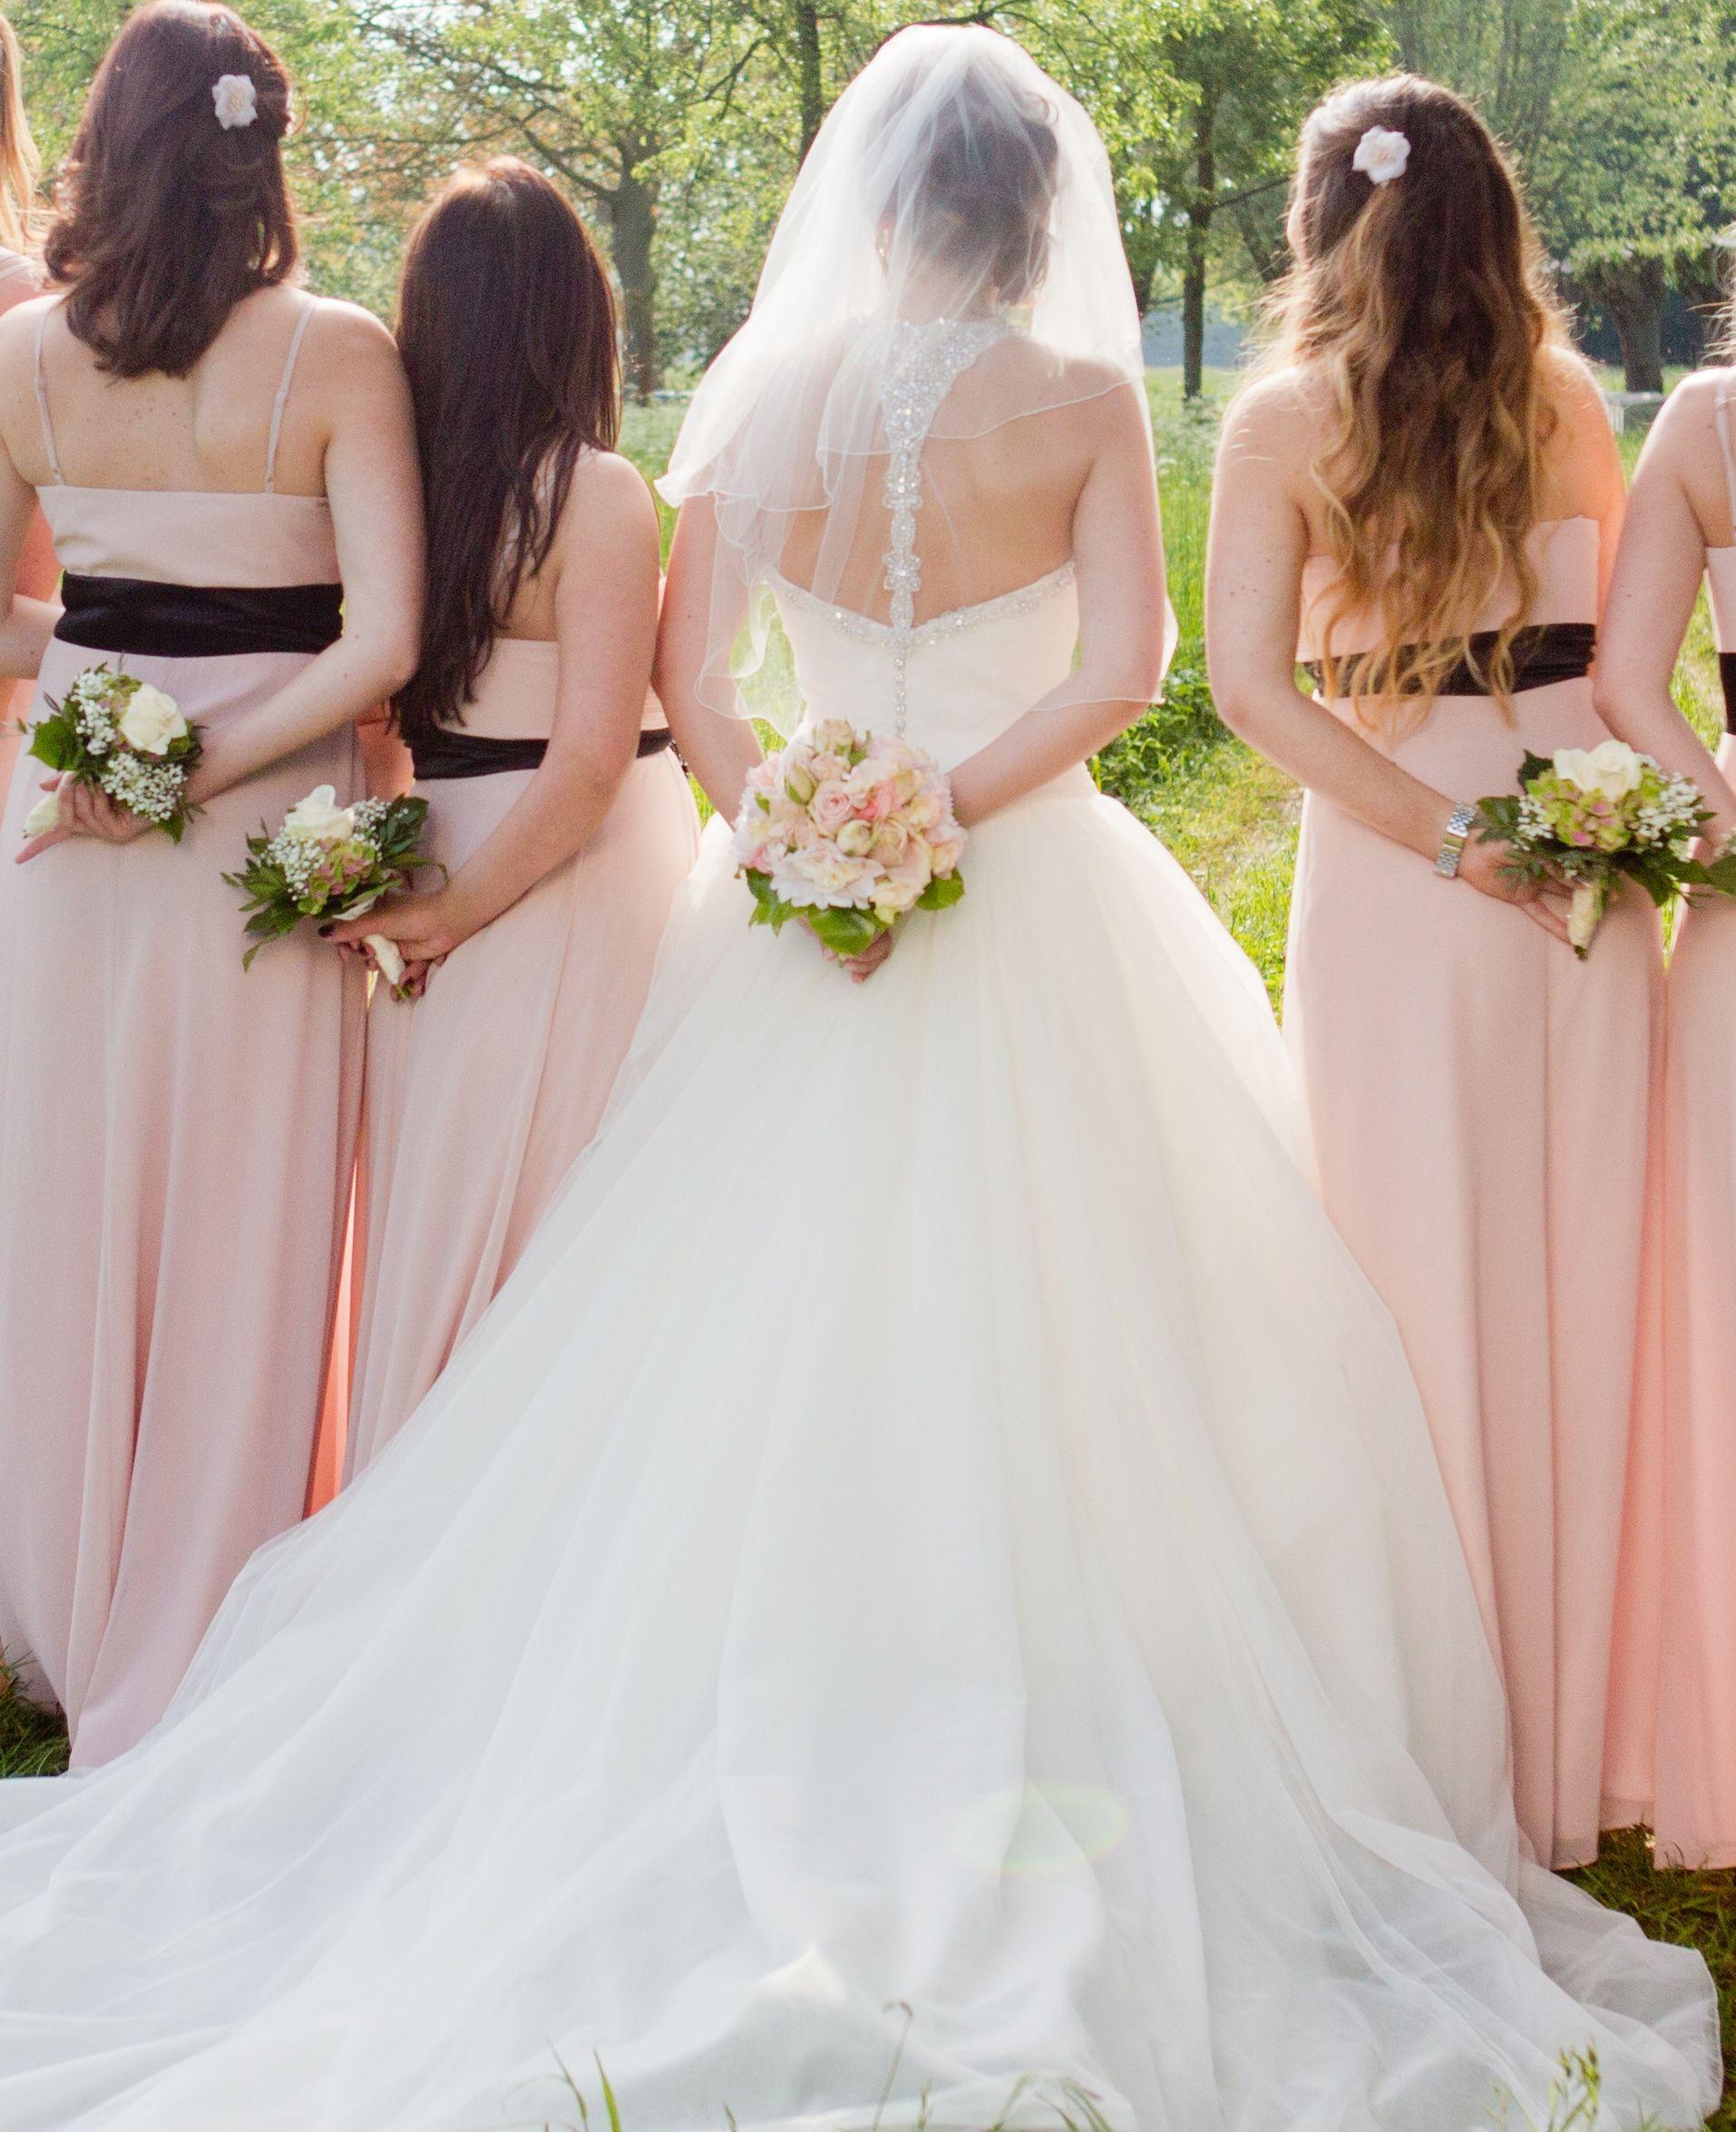 Bridemaids #Wunschbrautkleid #Brautjungfern #rosa #Justinalexander ...